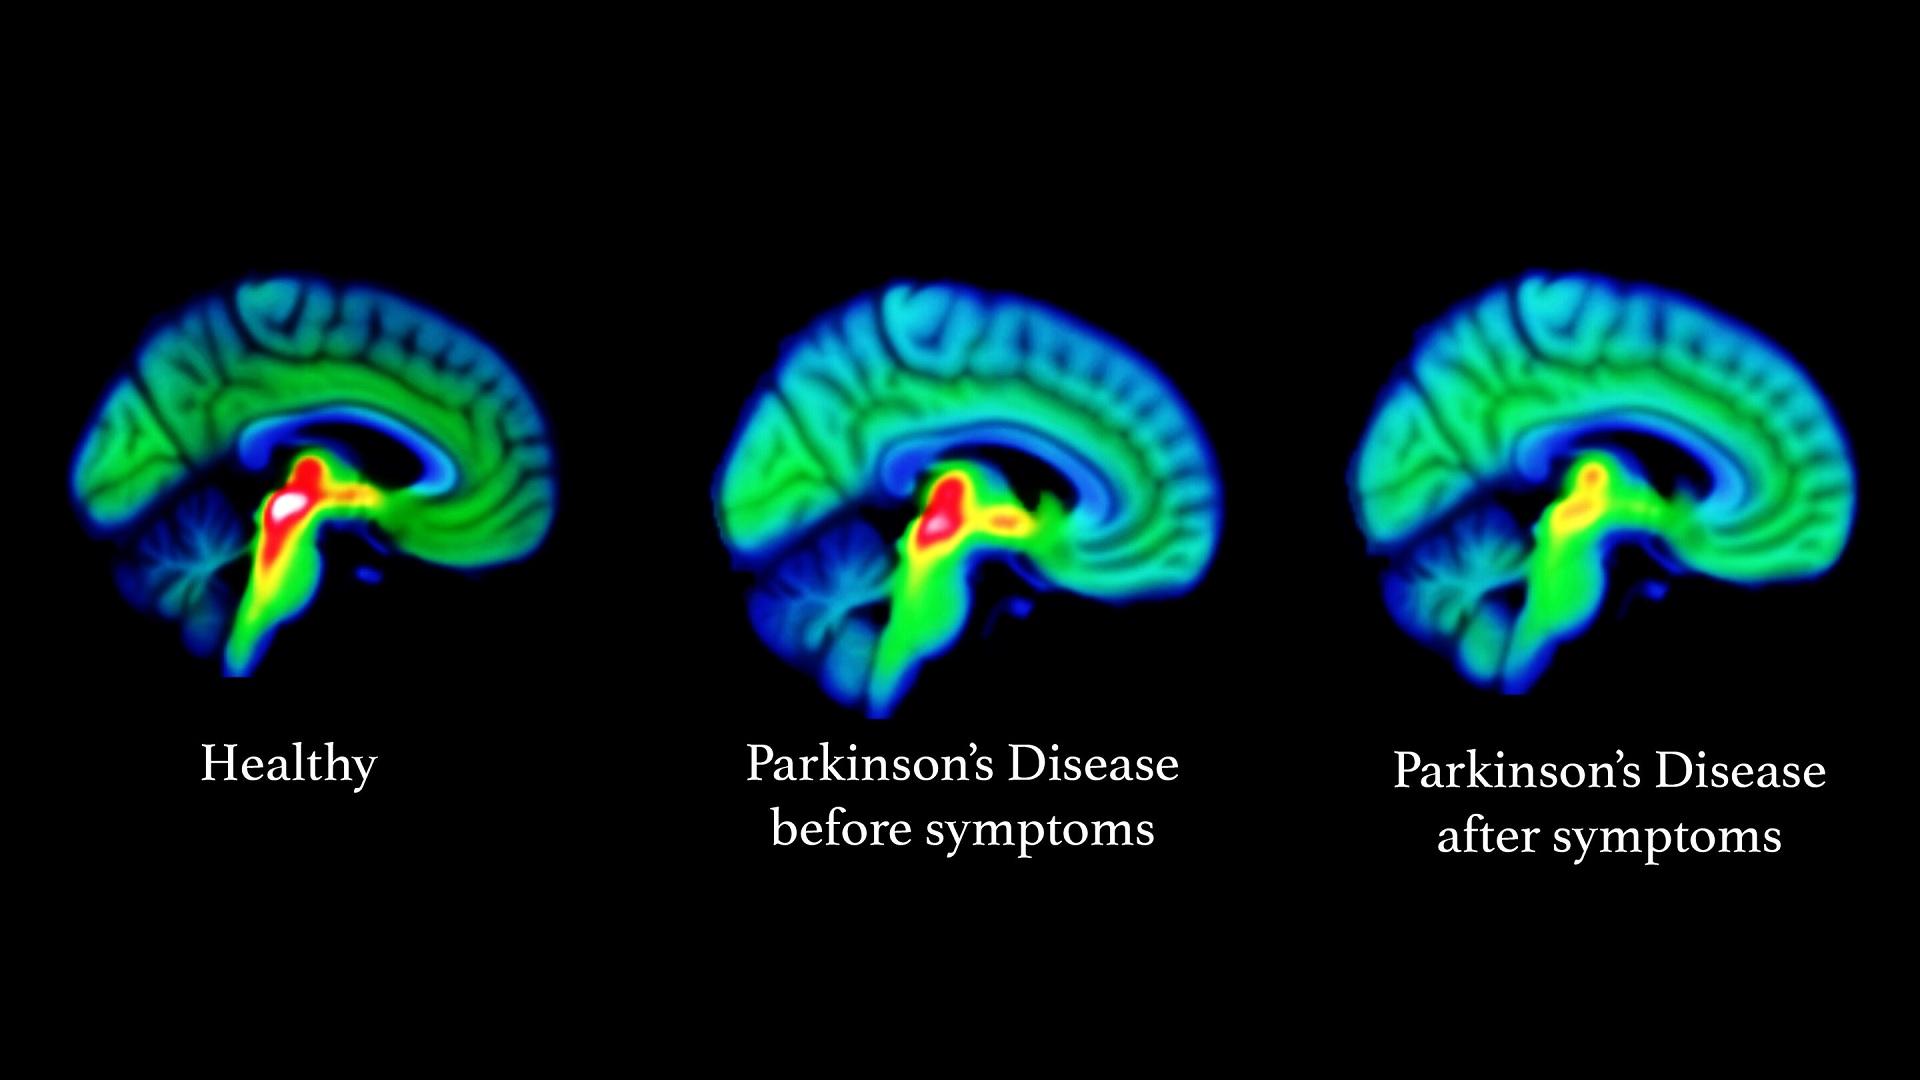 """Πάρκινσον συμπτώματα στάδια: Έρευνα βλαστικών κυττάρων """"χτυπά"""" τη νόσο"""